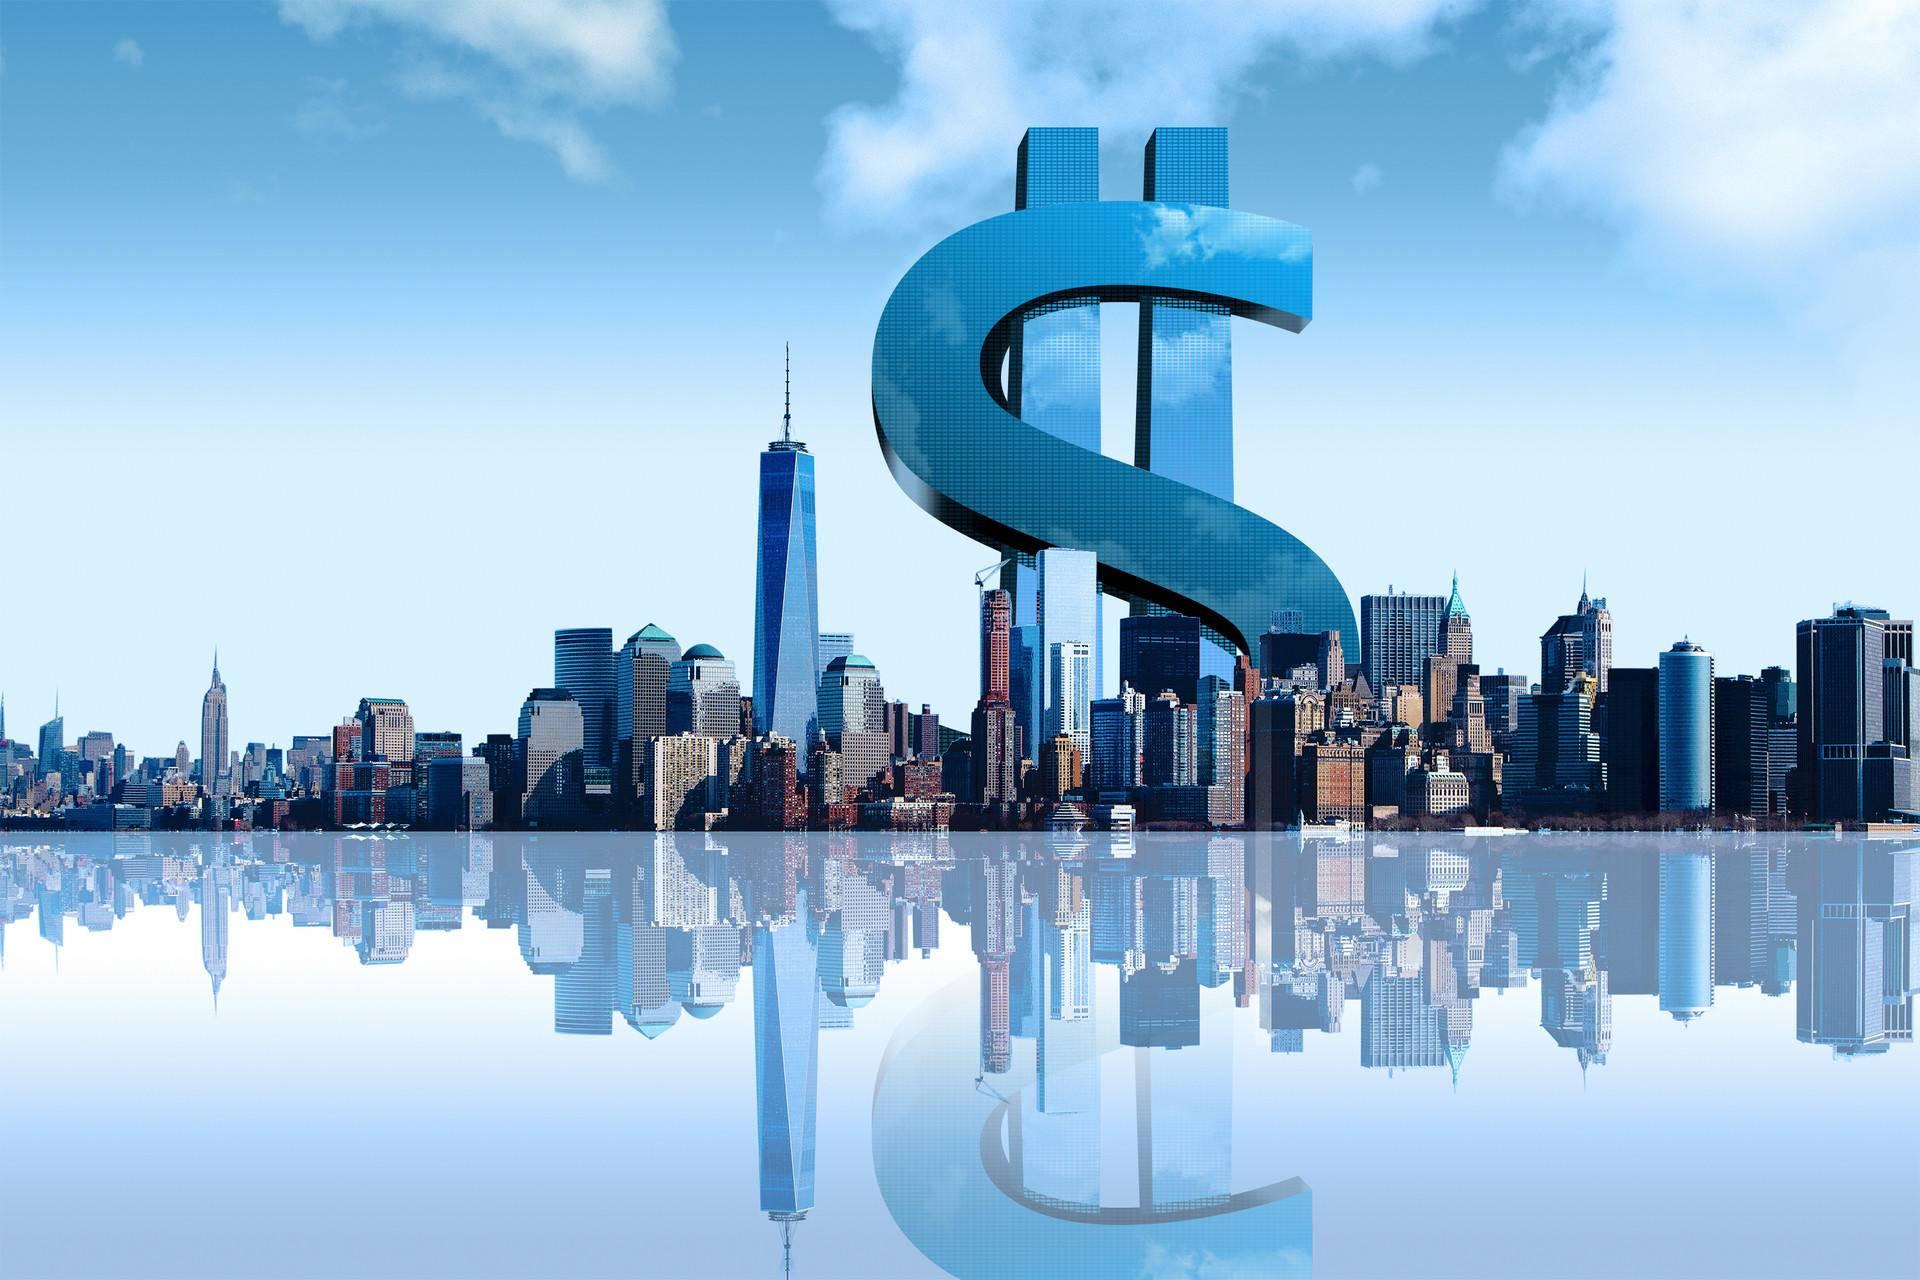 三星去年广告投入112亿美元!首次成全球最大广告商